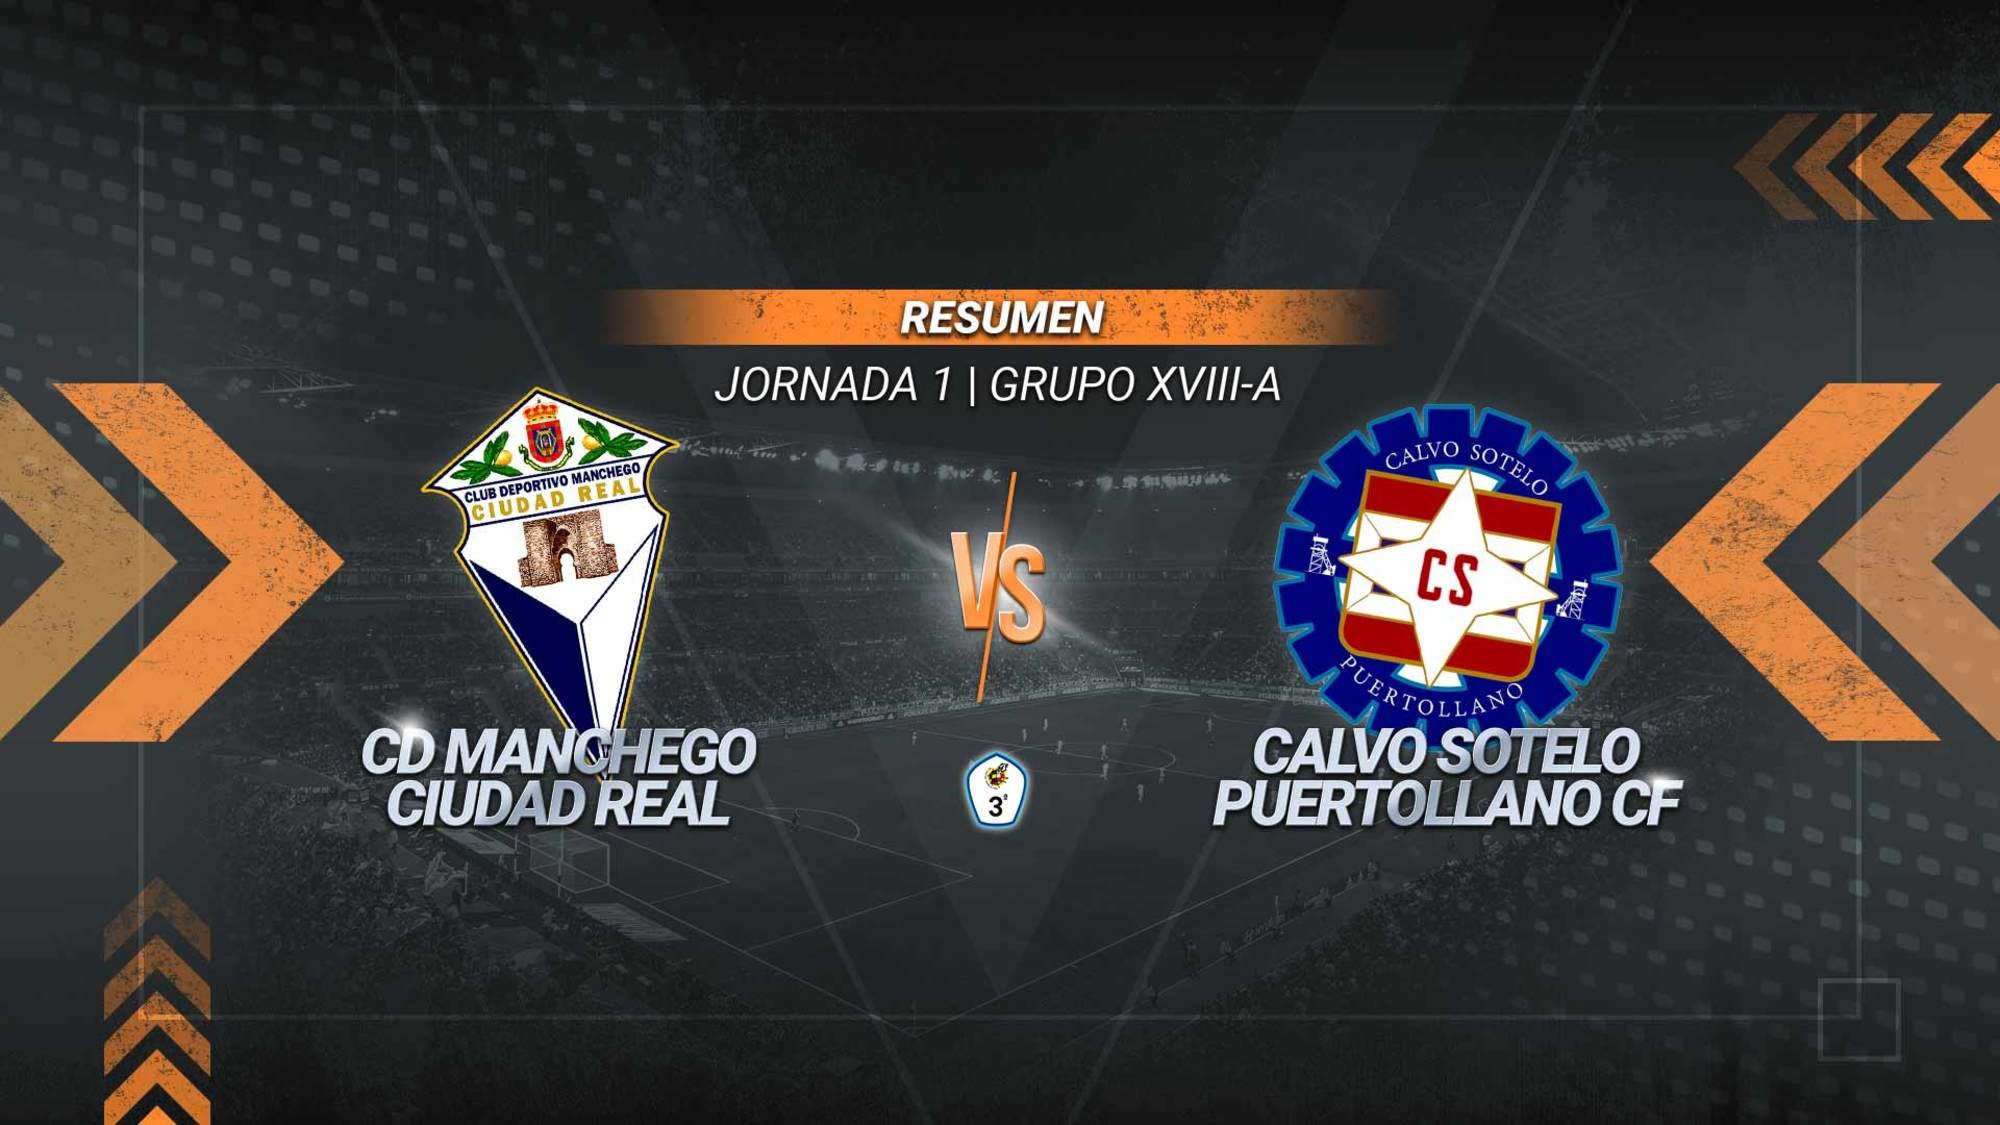 Manchego y Calvo Sotelo empatan en el derbi provincial. Los industriales se adelantaron al inicio gracias a un gol de Iván Limón, pero los mancheguistas igualaron en la primera parte con el tanto de Castro.